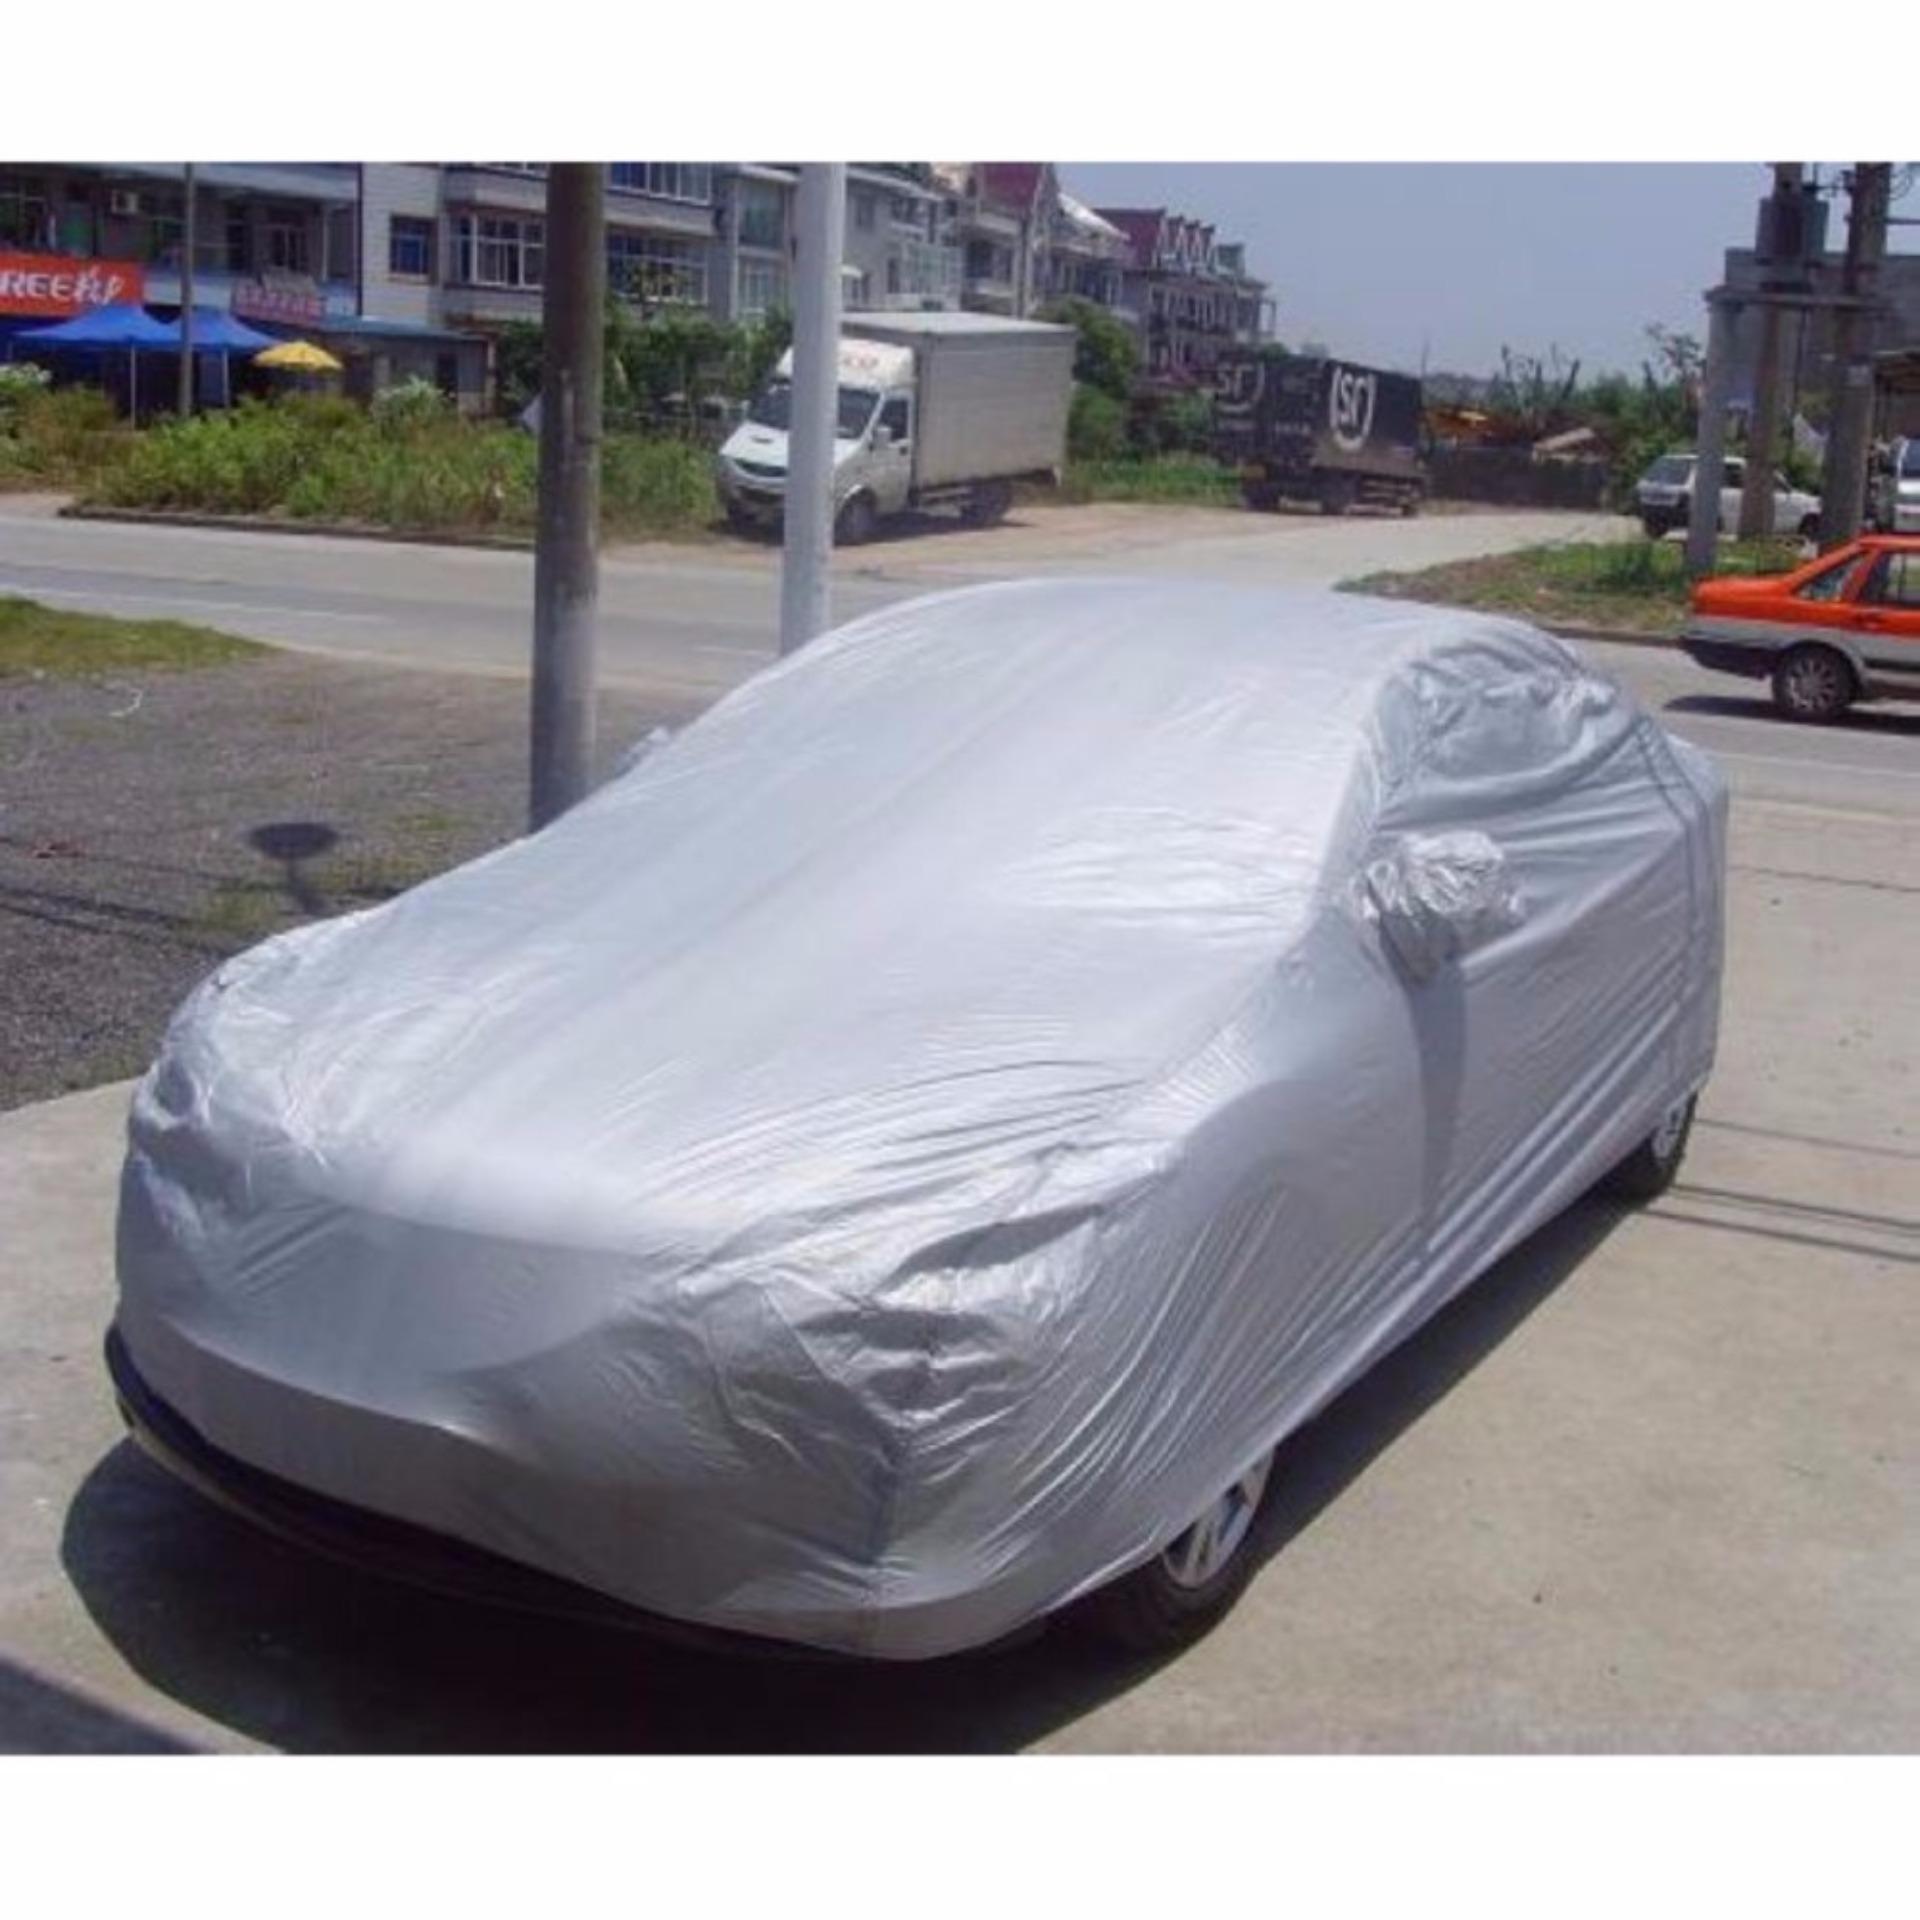 Bạt phủ ôtô 2 lớp bảo vệ oto, xe hơi 4-5 chỗ (chống nắng, mưa, trộm gương)